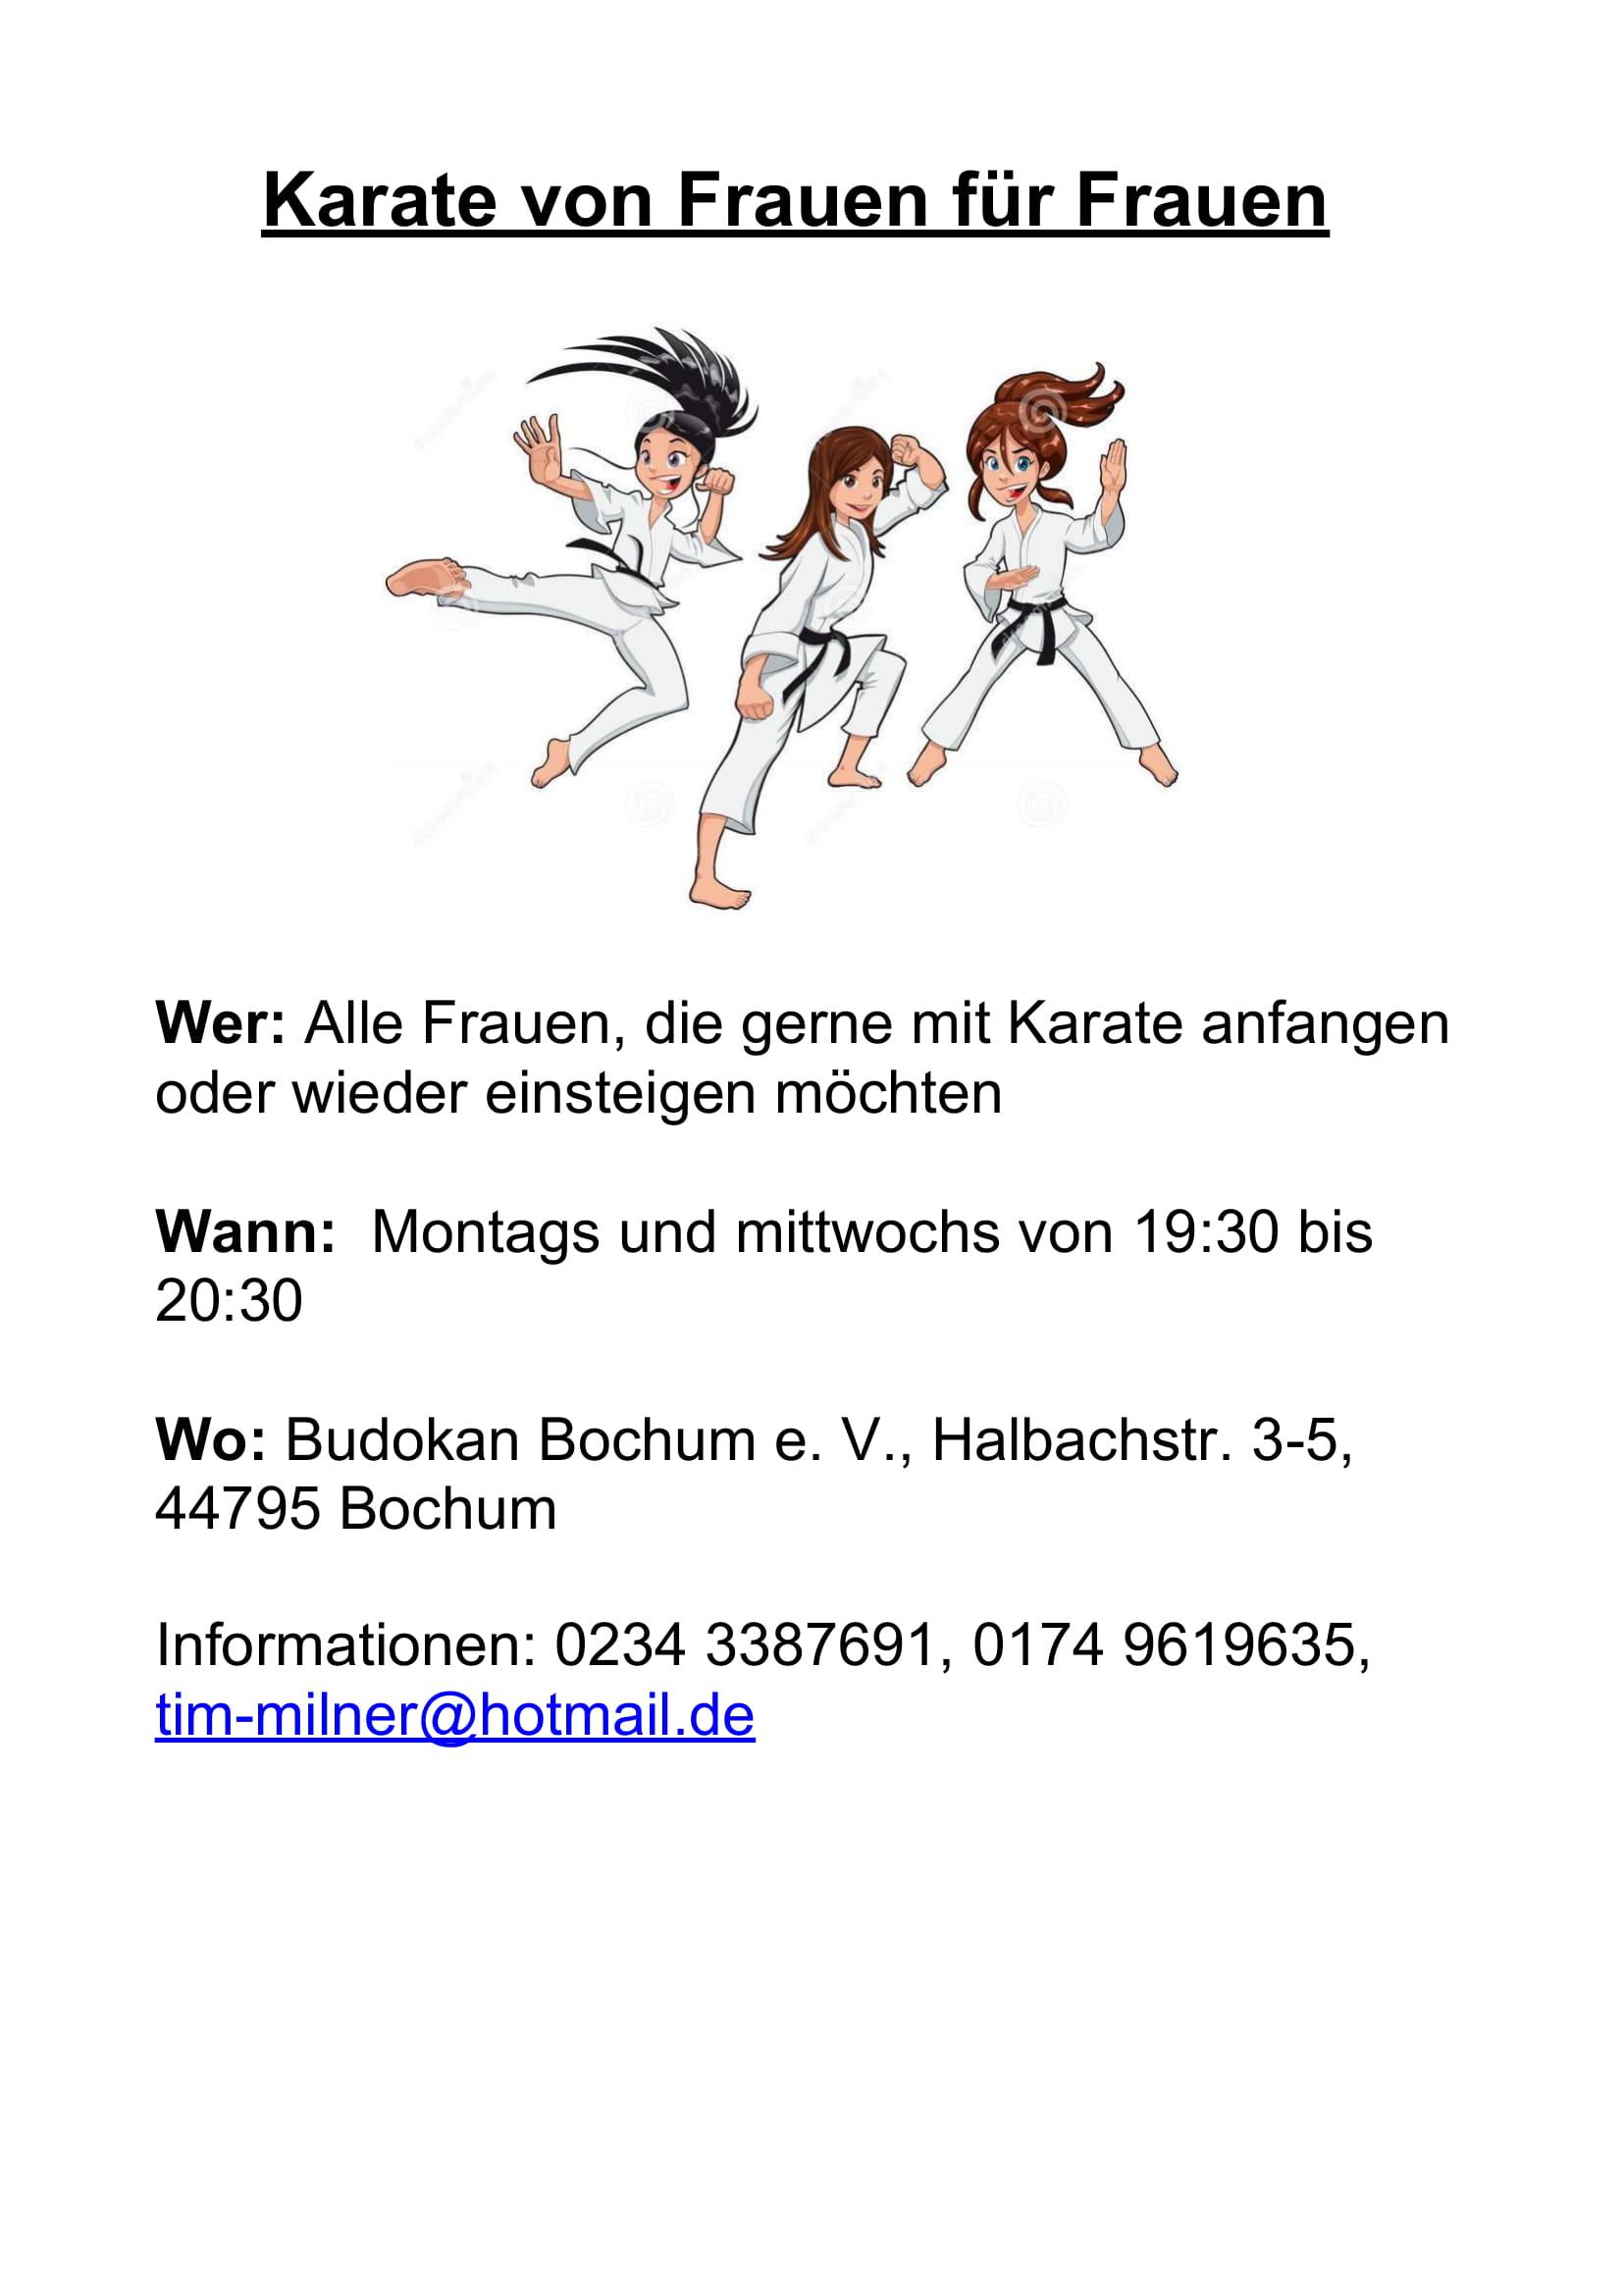 Karate von Frauen für Frauen